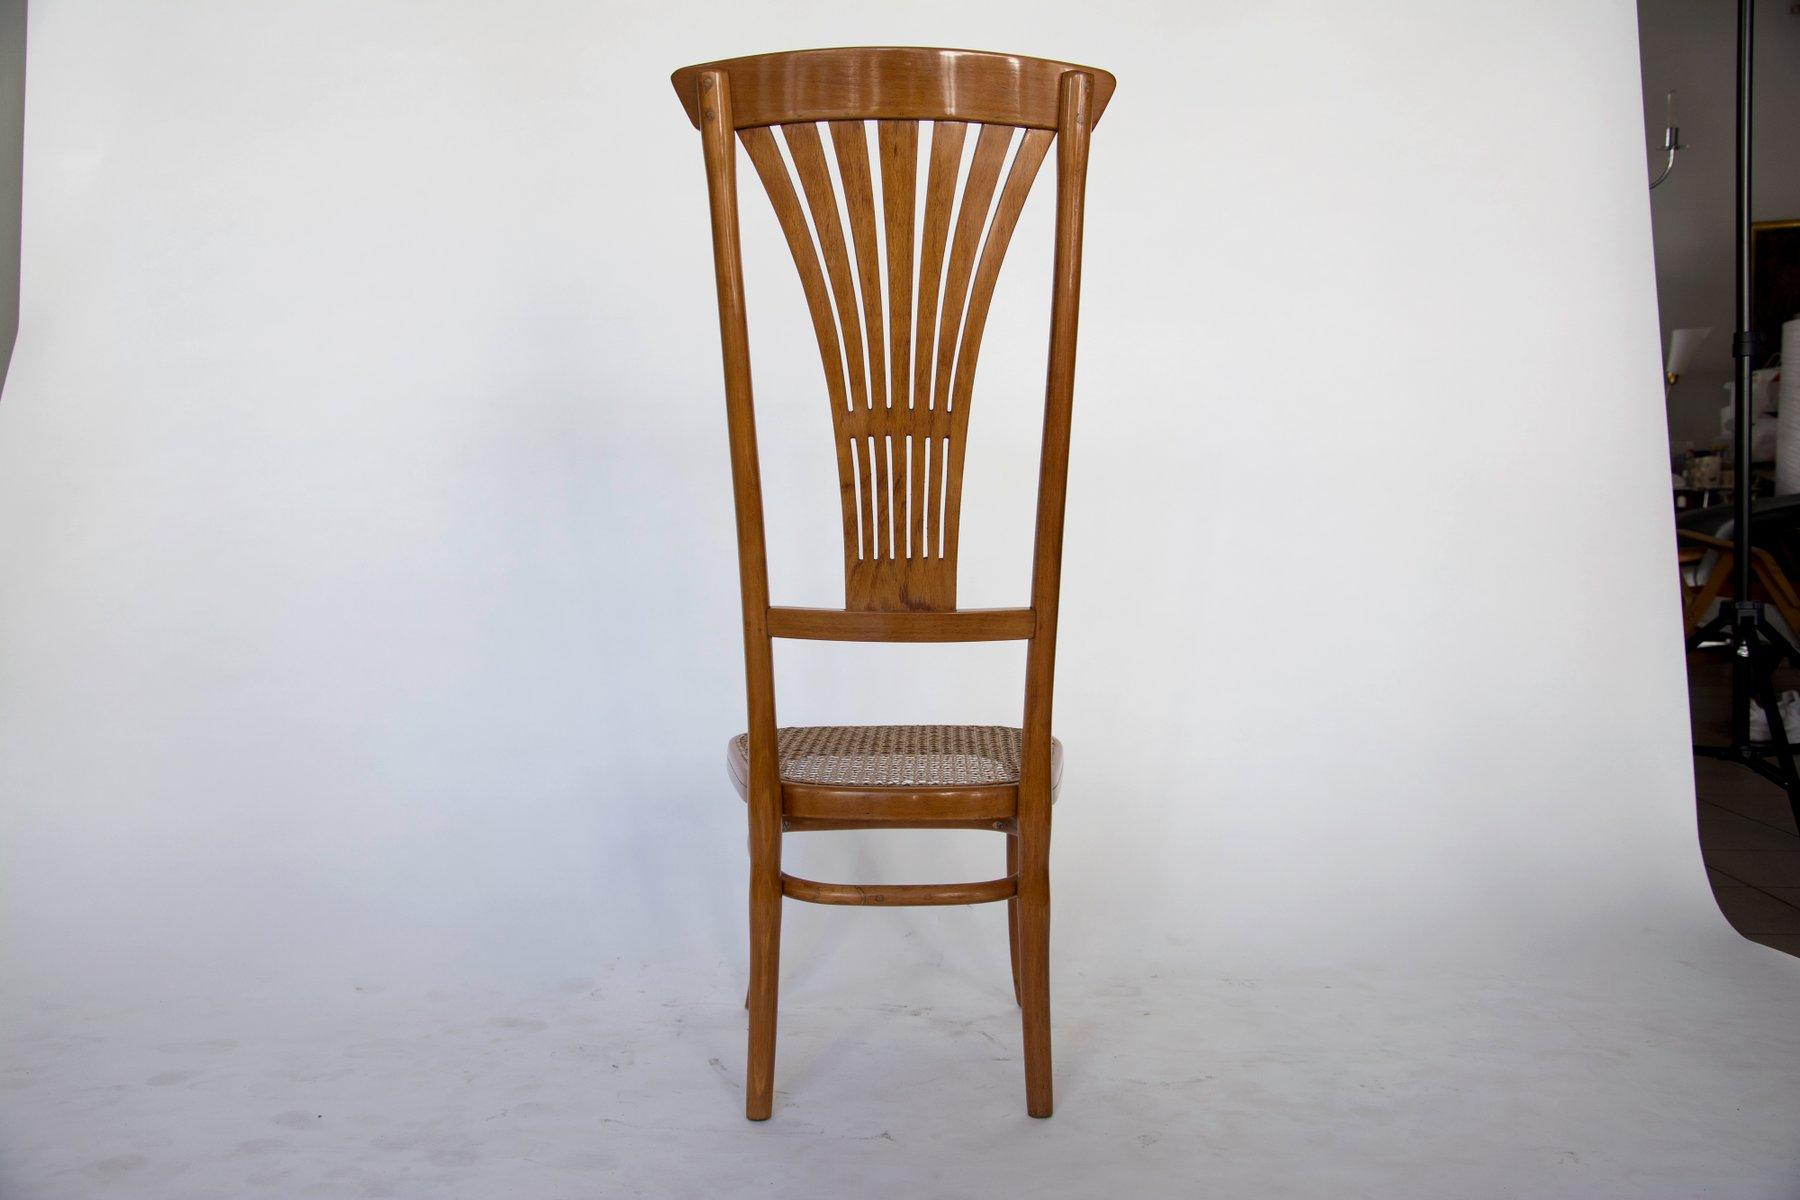 stuhl mit hoher r ckenlehne von thonet 1916 bei pamono kaufen. Black Bedroom Furniture Sets. Home Design Ideas